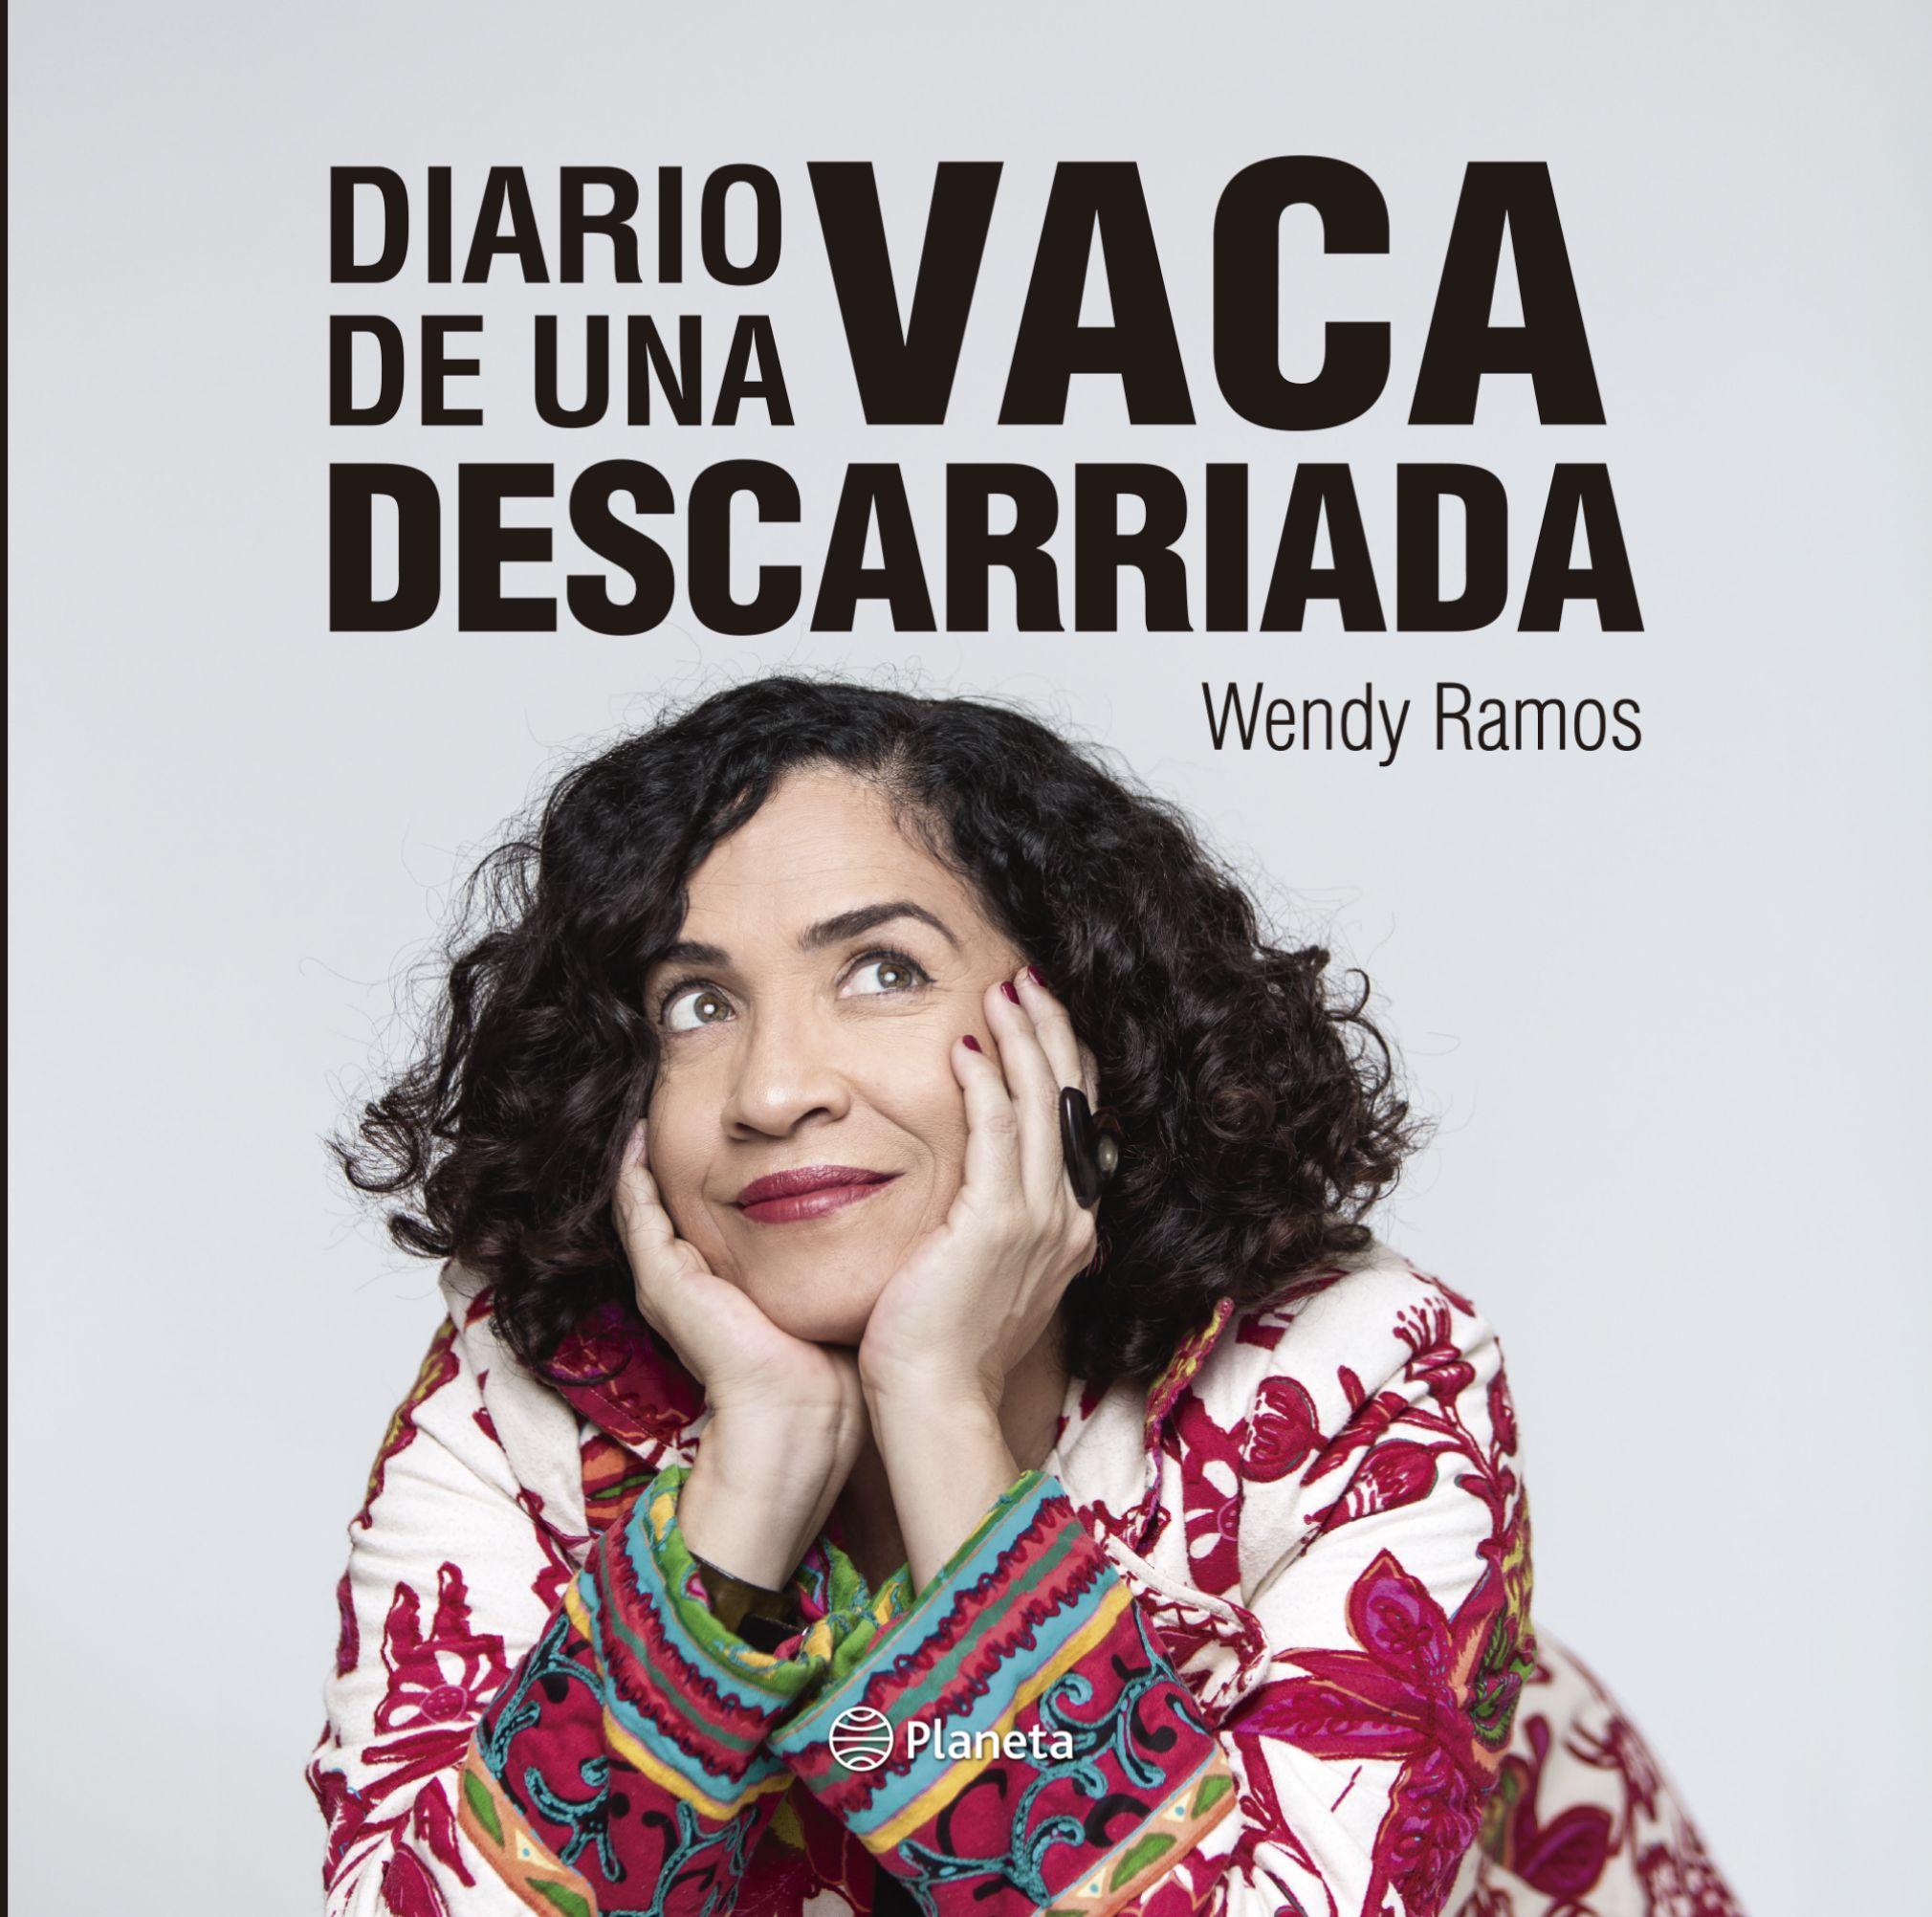 Diario de una Vaca Descarriada - Wendy Ramos - Planeta